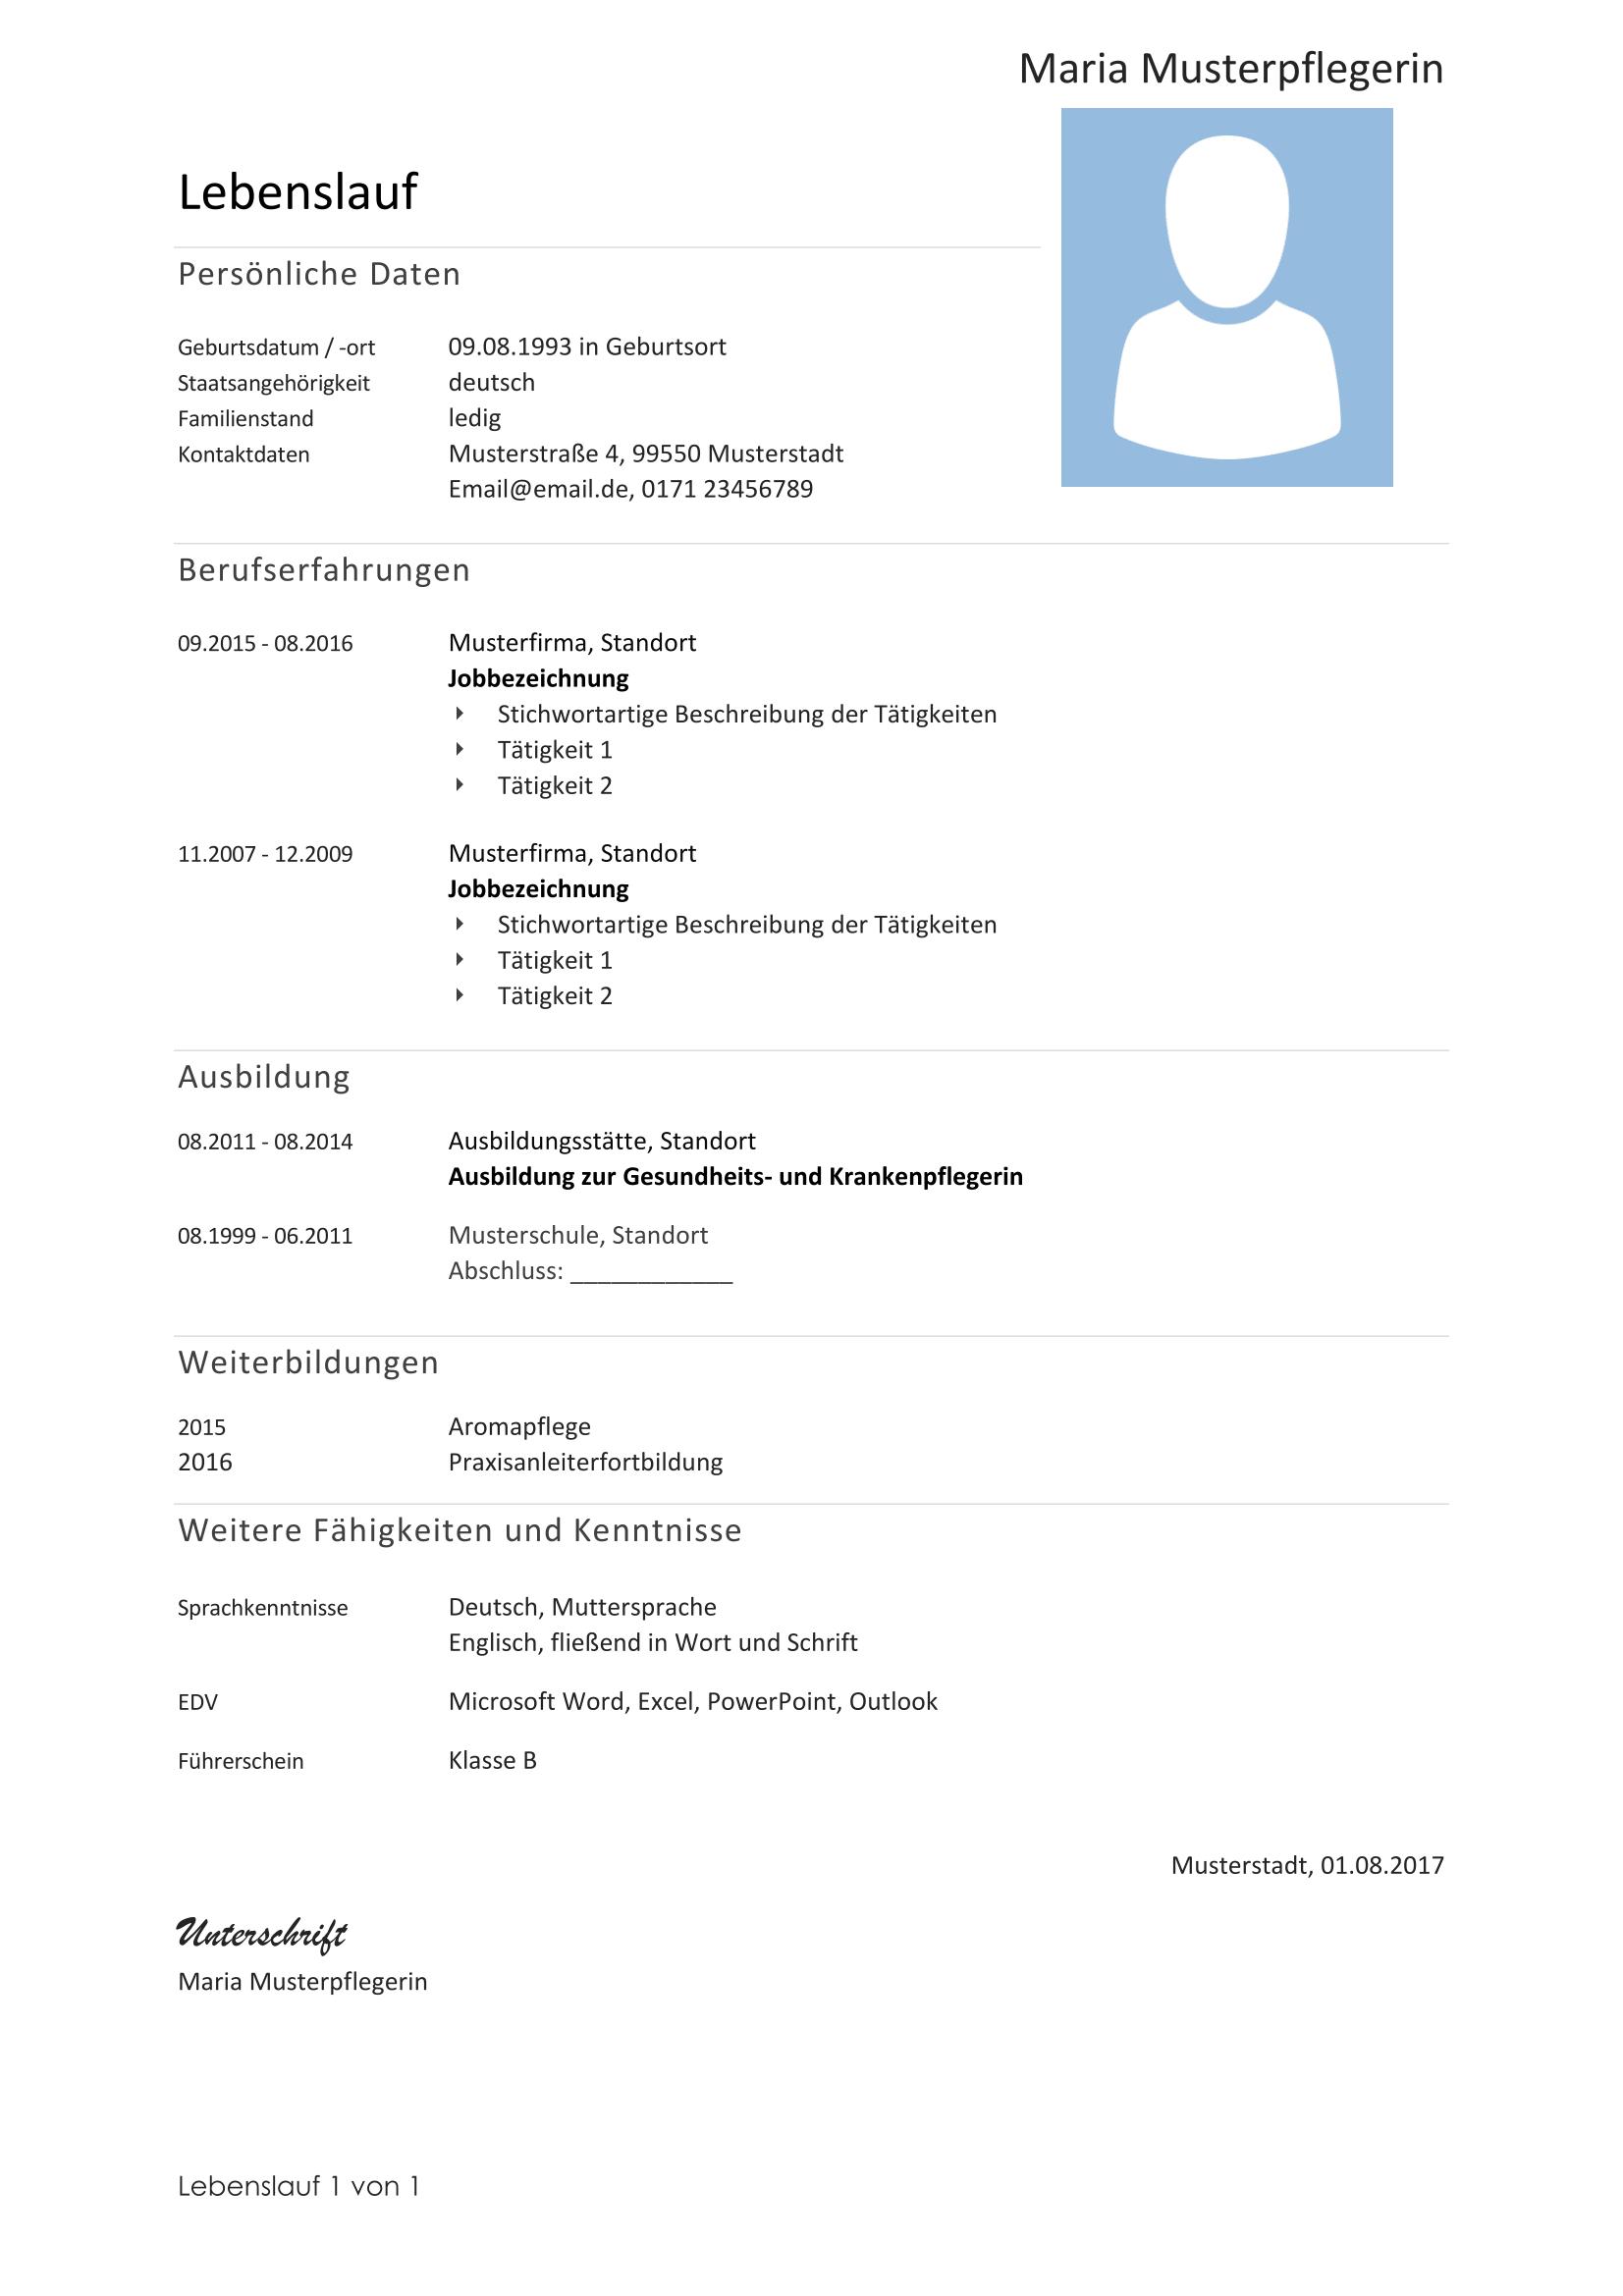 musterlebenslauf - Referenzen Lebenslauf